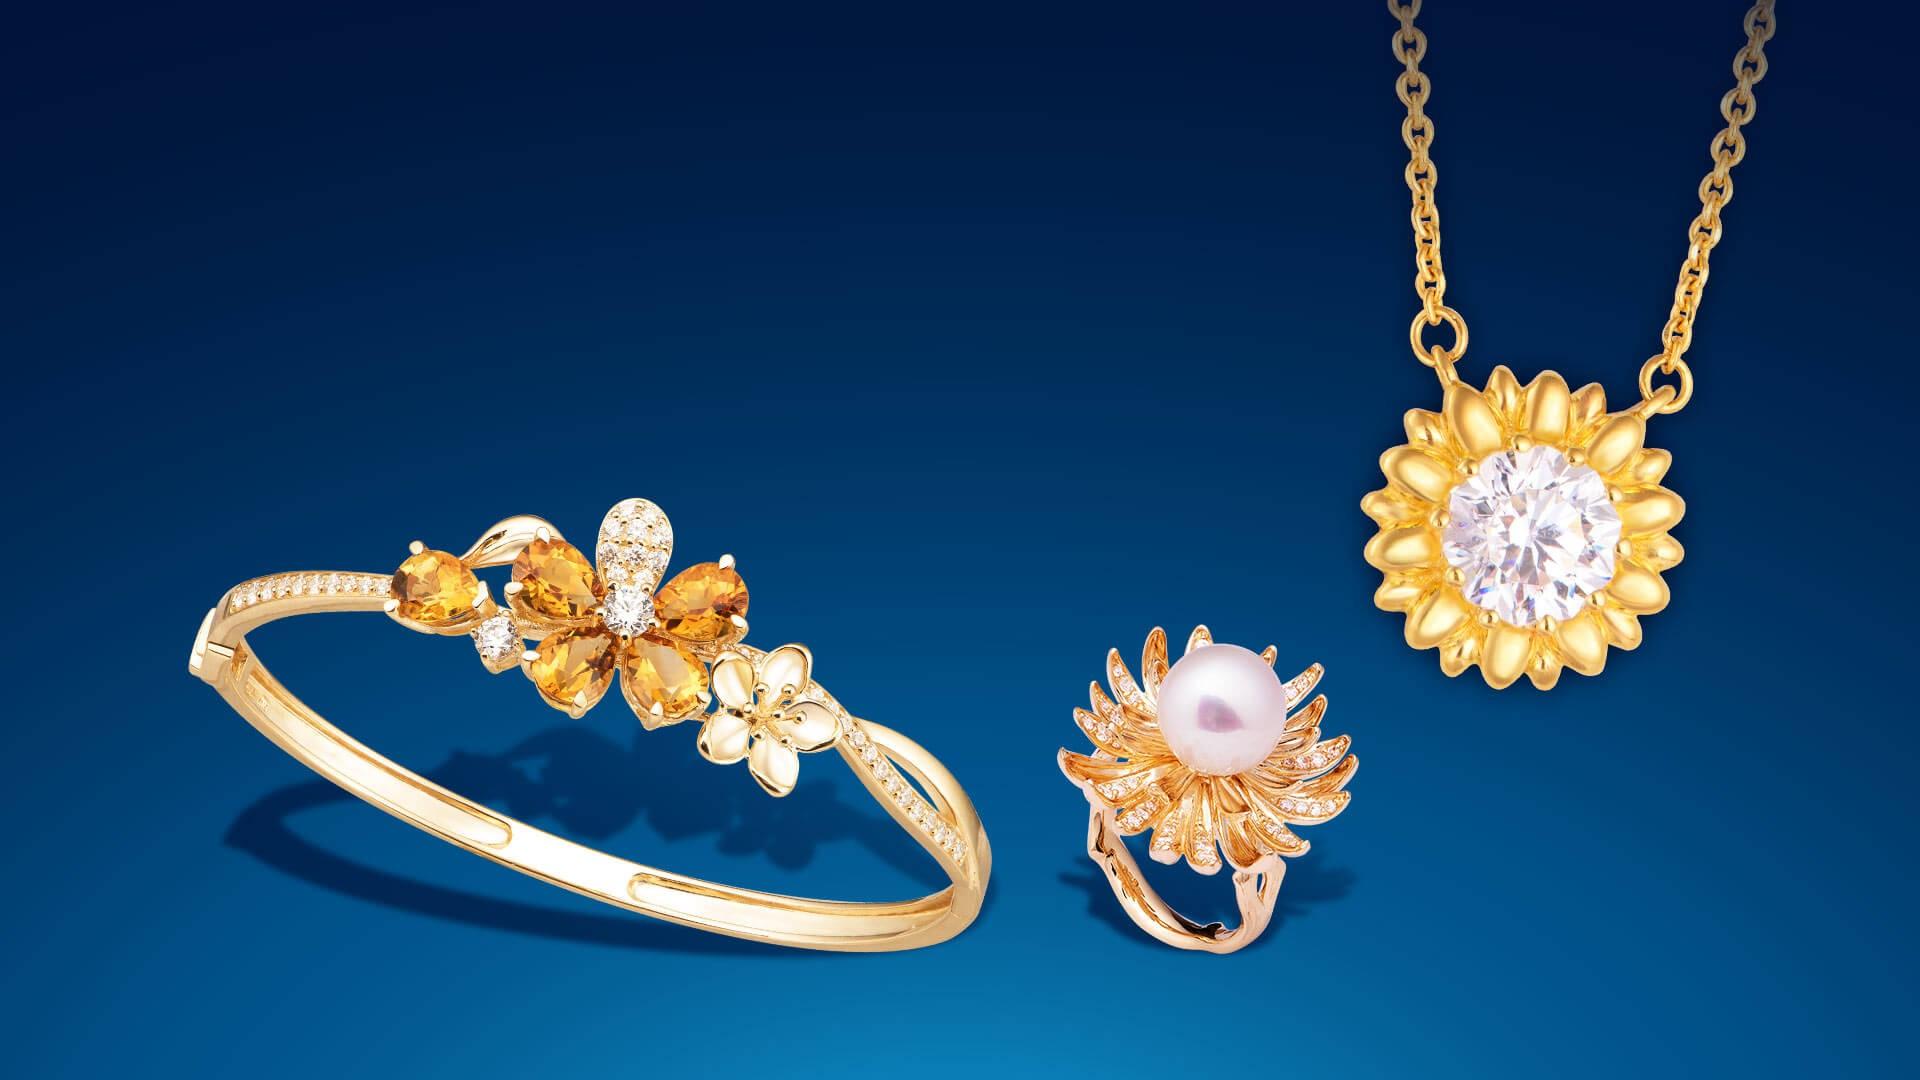 Vàng được dùng để làm trang sức